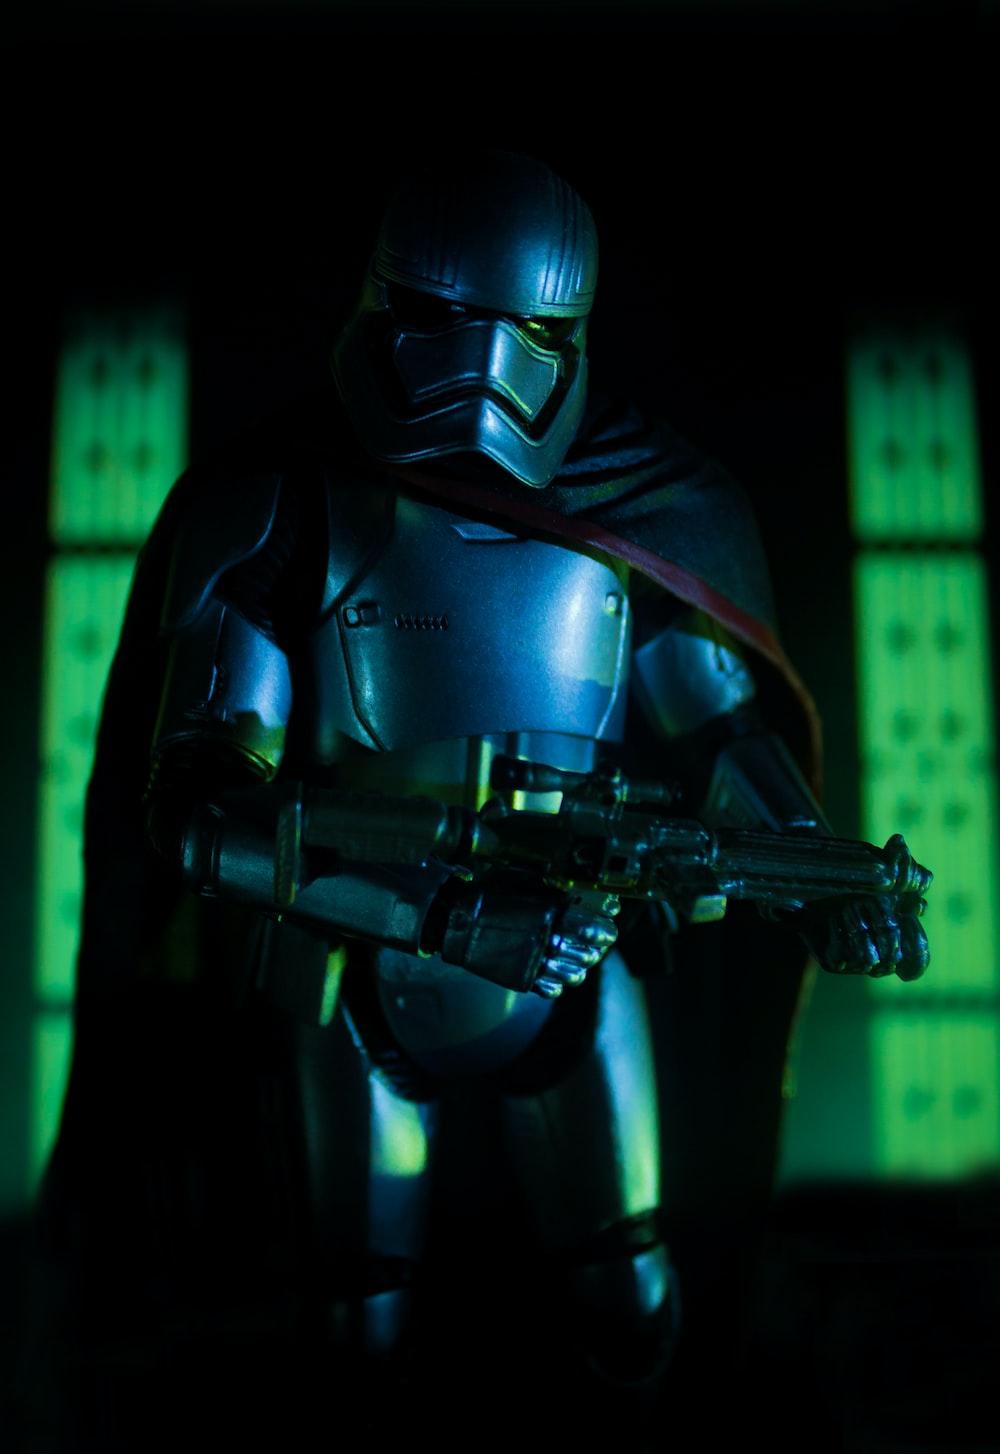 Stormtrooper plastic action figure